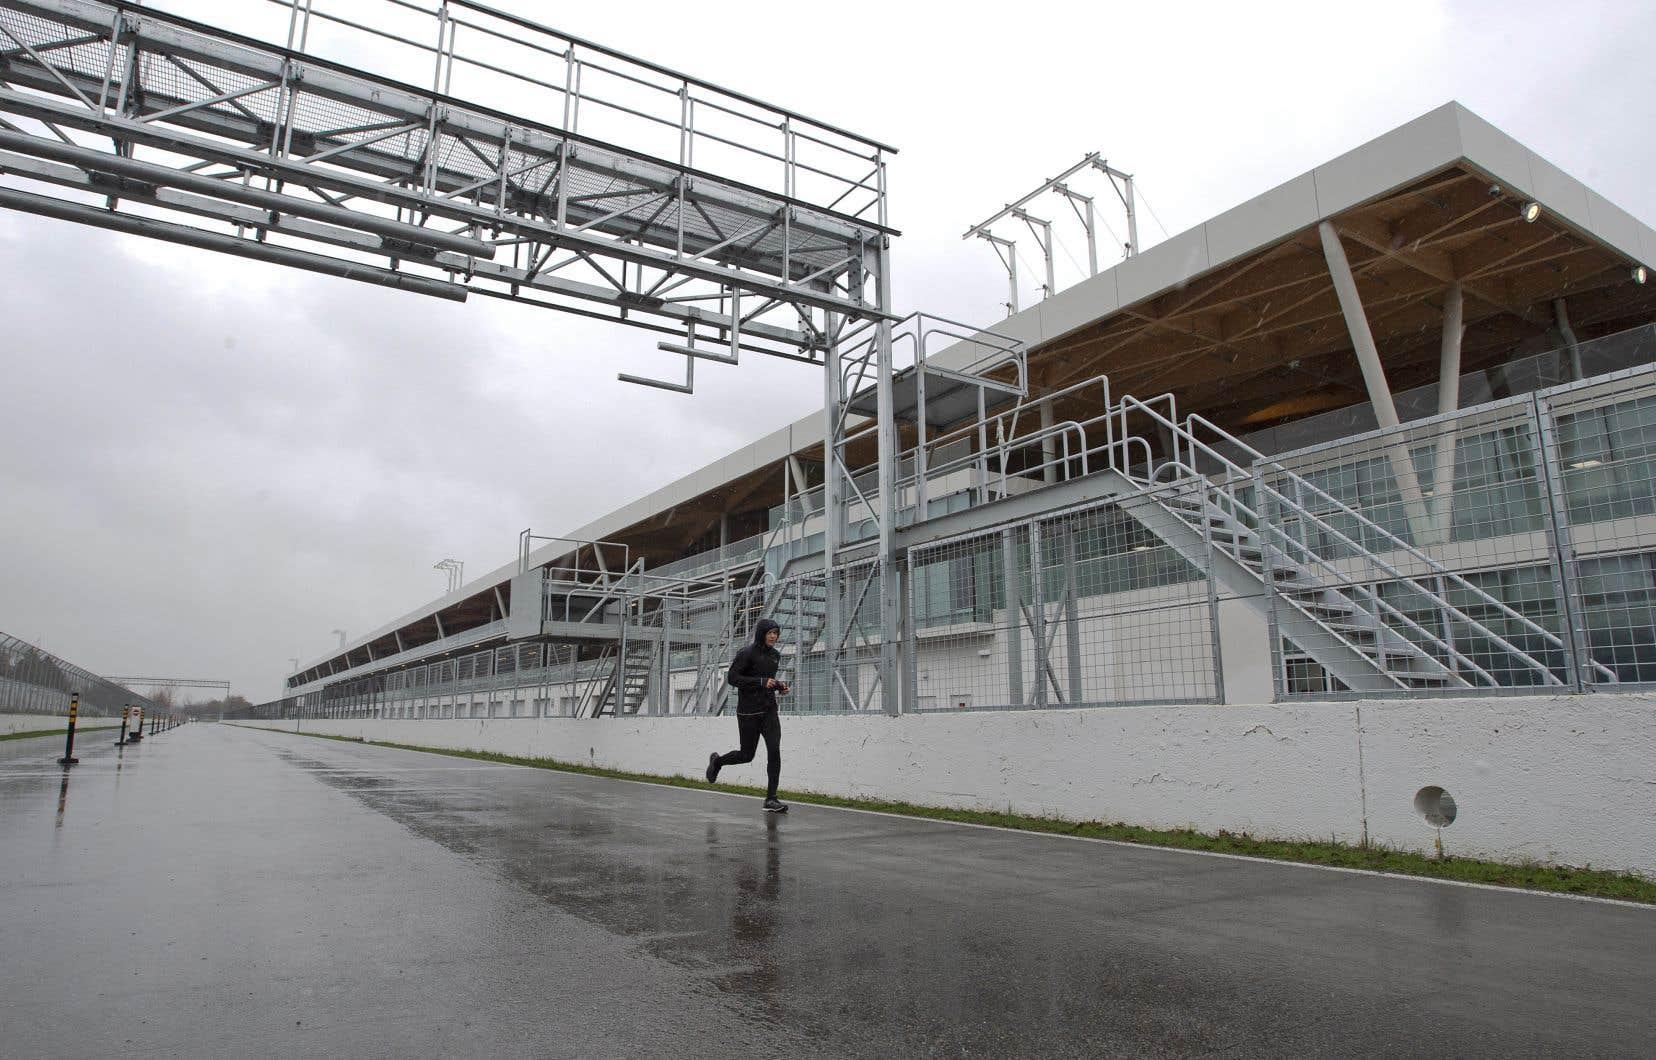 Bien que la F1 entende tenir le Grand Prix du Canada à huis clos, la Santé publique de Montréal s'inquiète de la perspective de regrouper 2500 personnes sur le circuit Gilles-Villeneuve. Sur la photo, un joggeur sur la piste de course automobile.